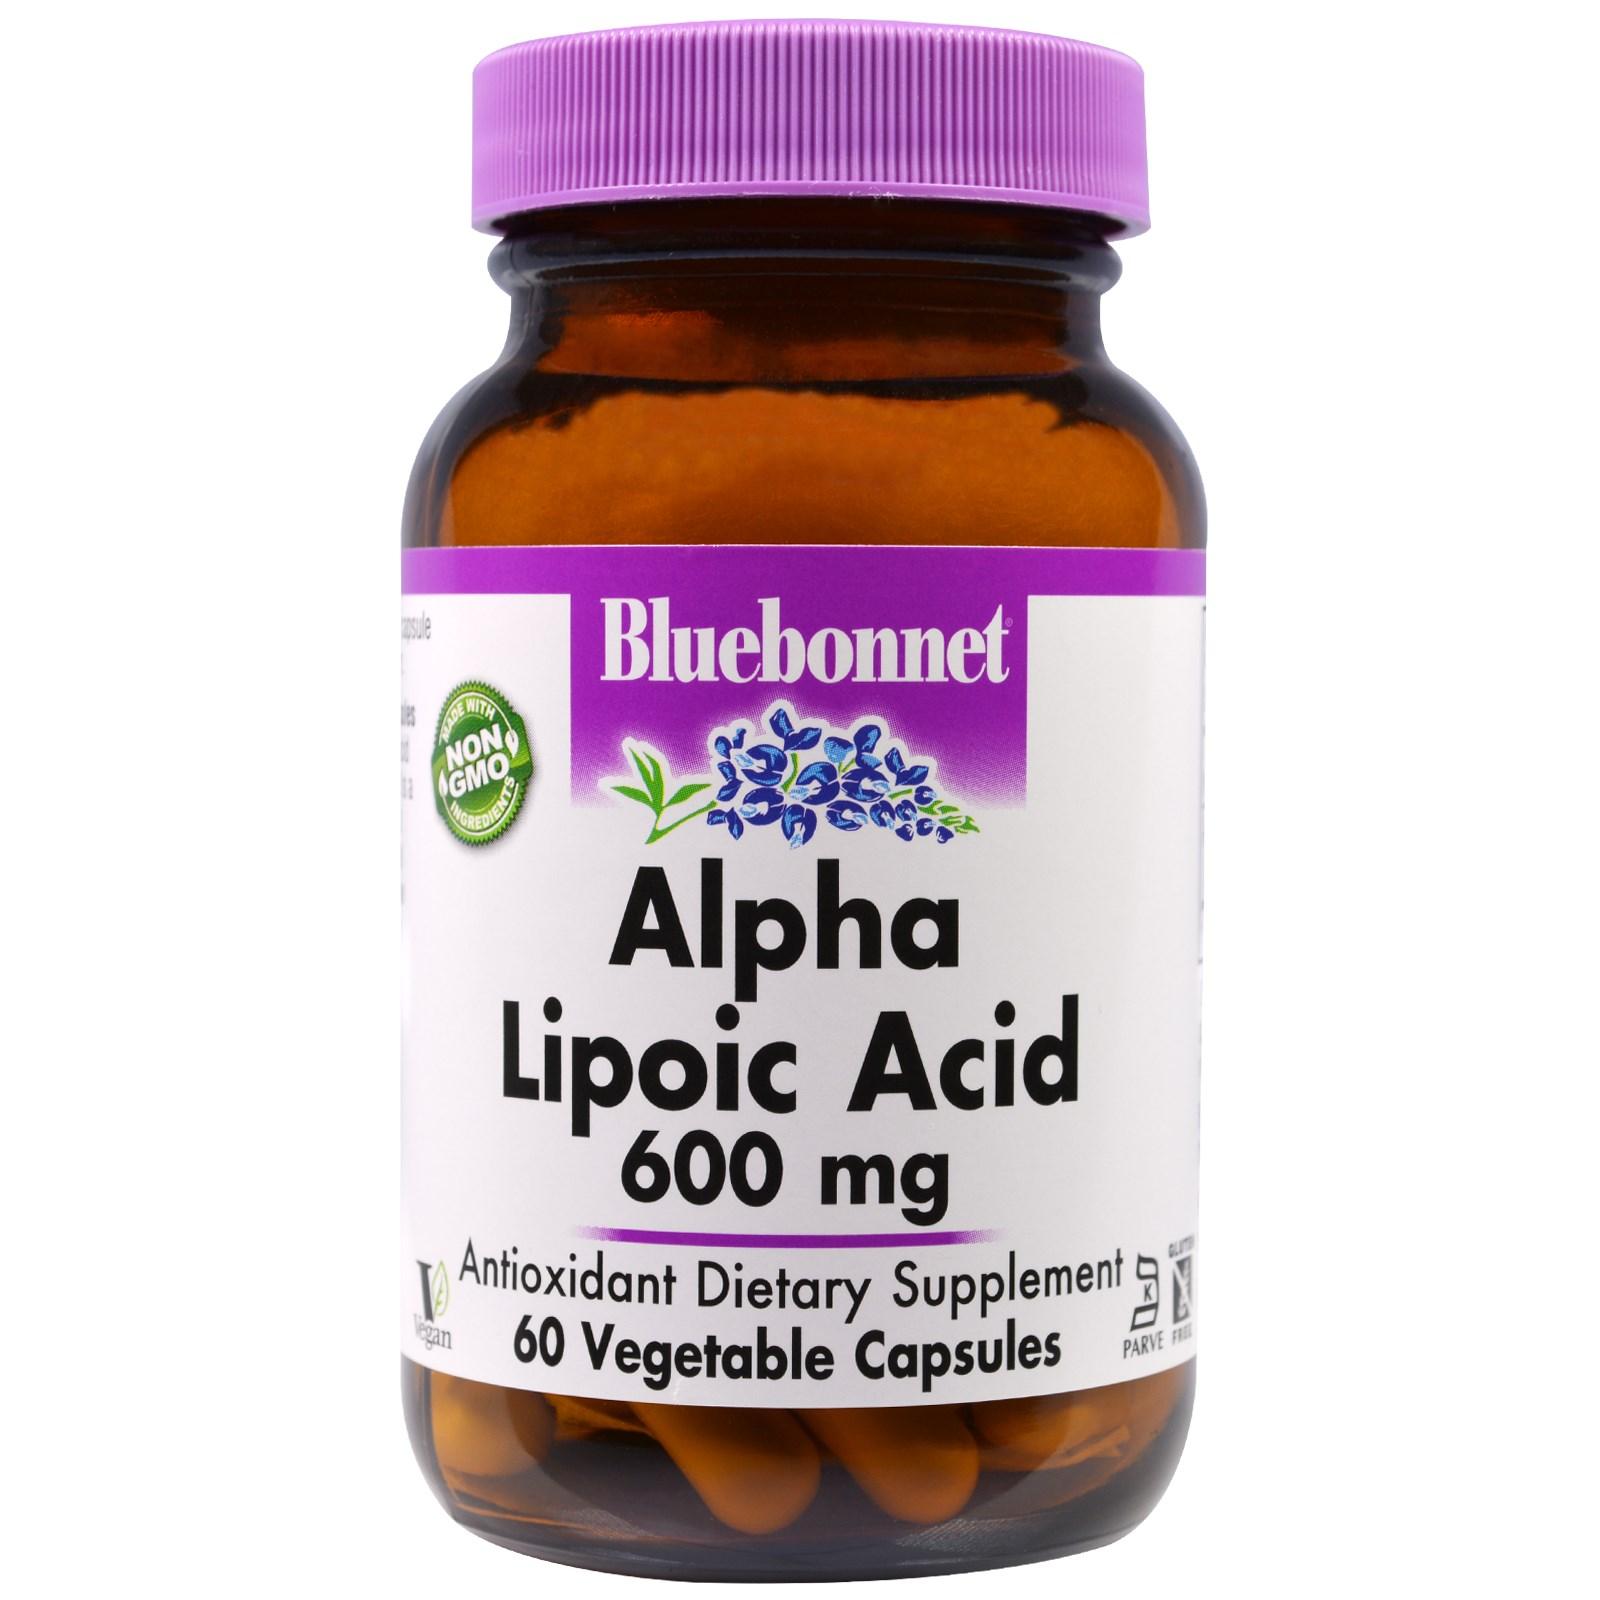 Bluebonnet Nutrition, Альфа-липоевая кислота, 600 мг, 60 капсул в растительной оболочке